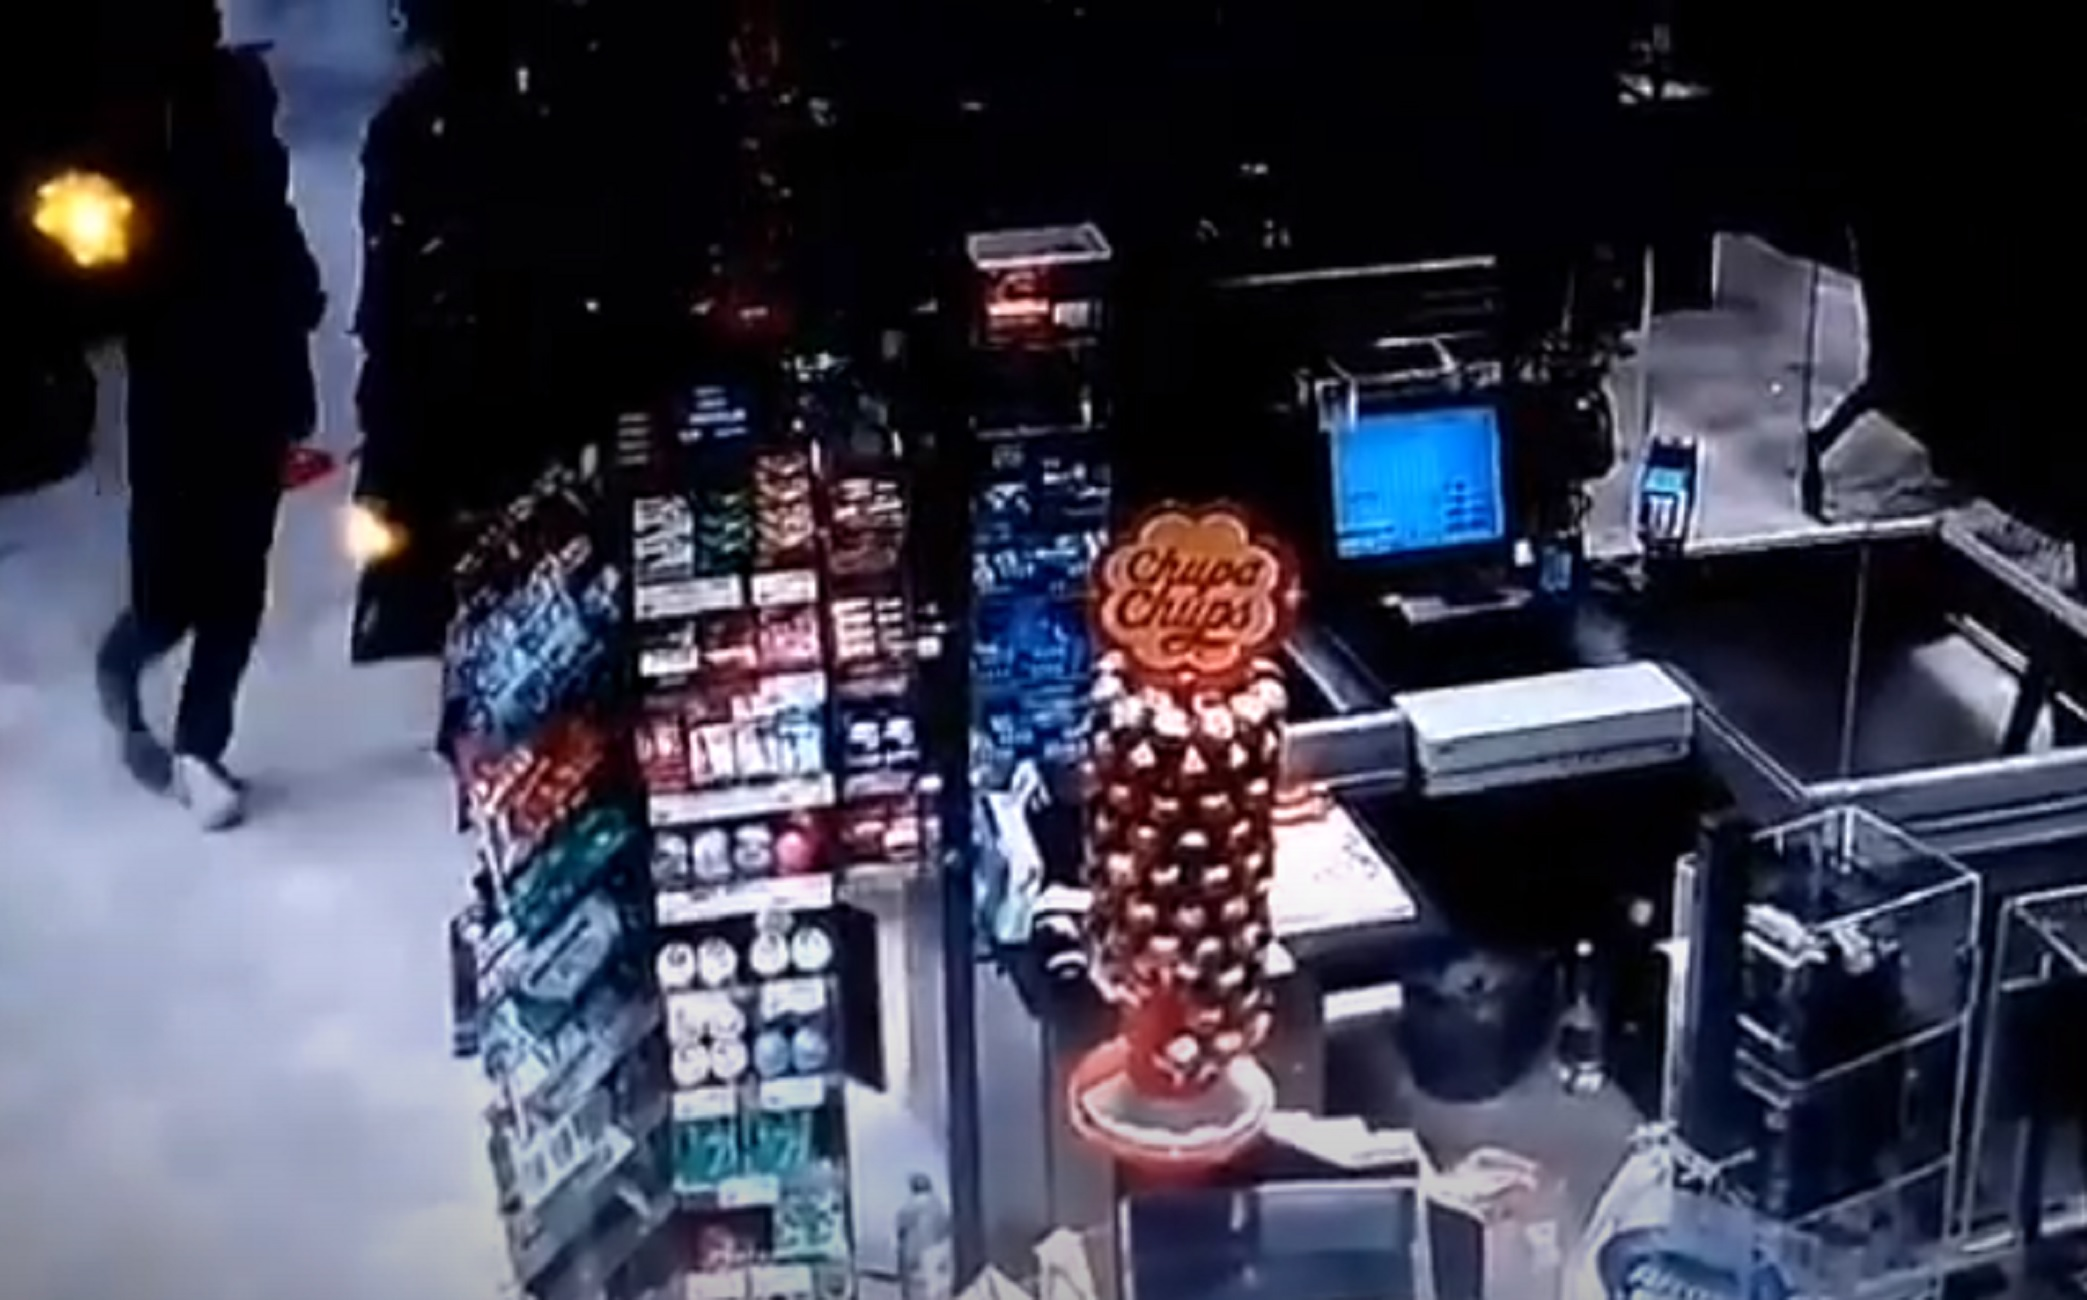 Θεσσαλονίκη: Ληστές με καραμπίνες σε σούπερ μάρκετ – Το βίντεο ντοκουμέντο με το χτύπημα (video)